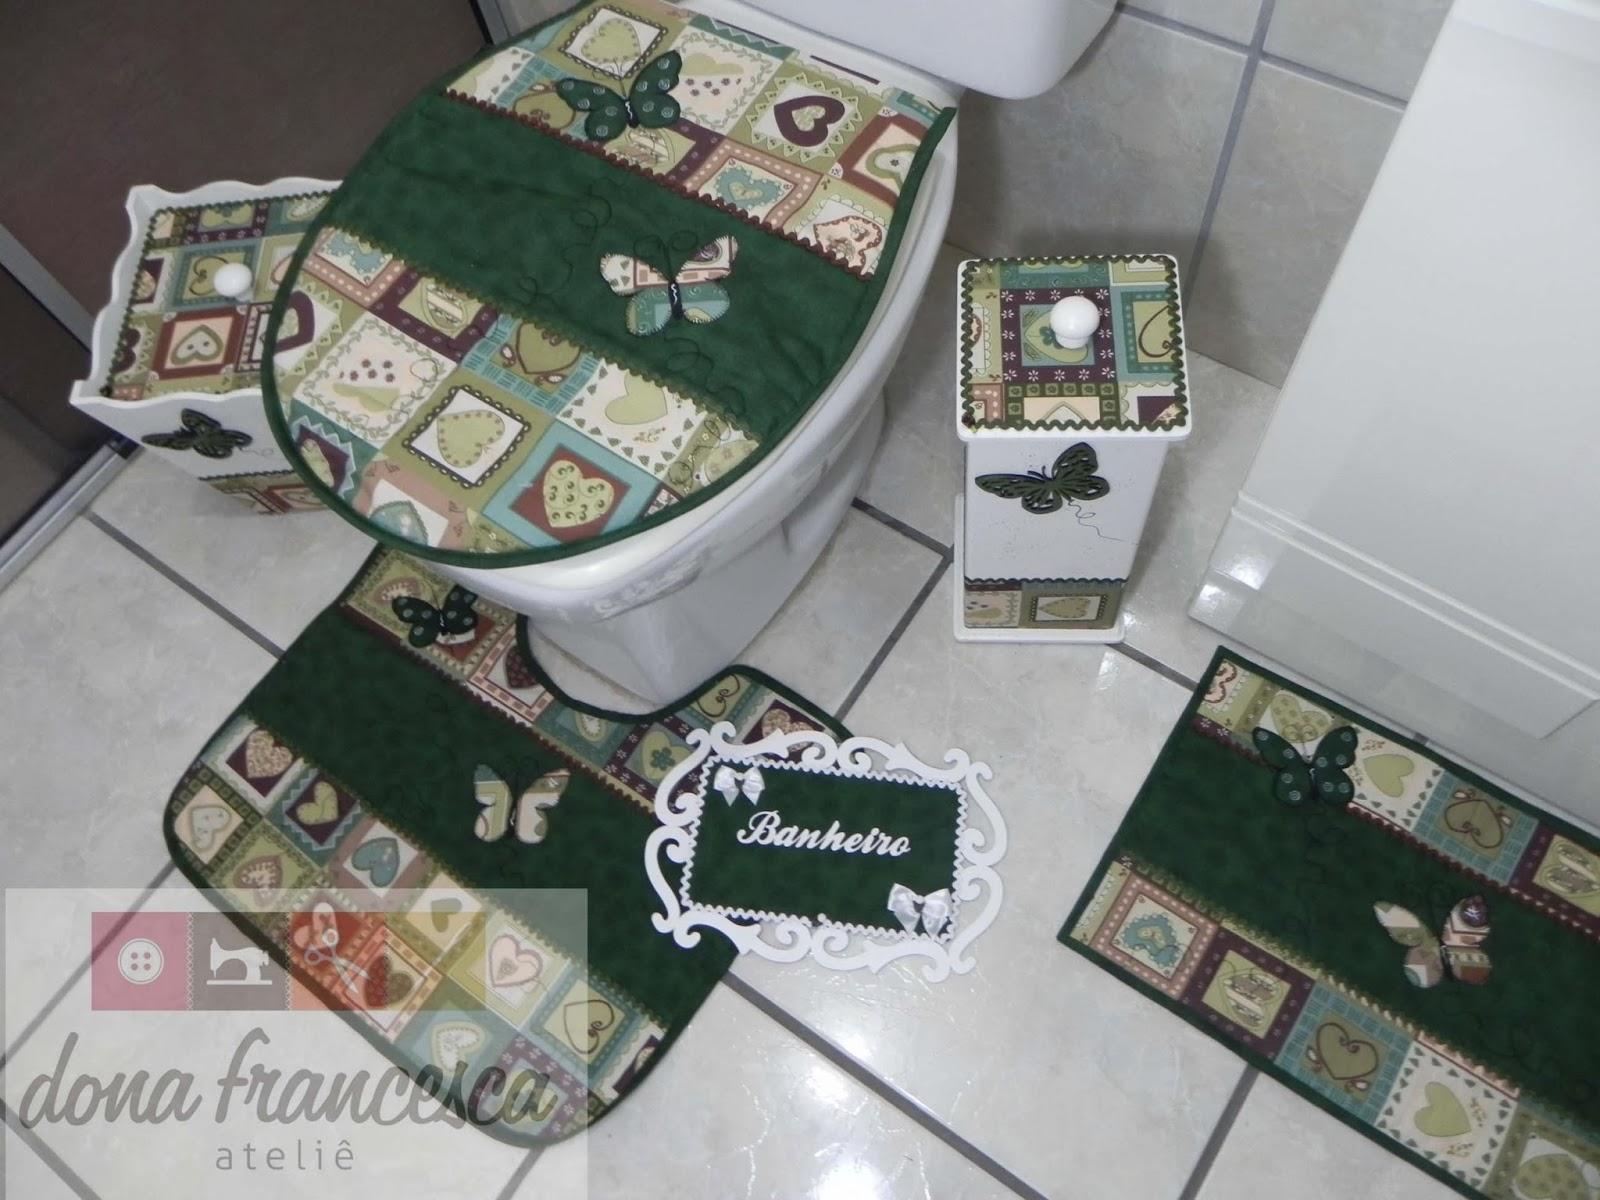 Jogo De Banheiro Completo : Dona francesca ateli? jogo de banheiro completo placa